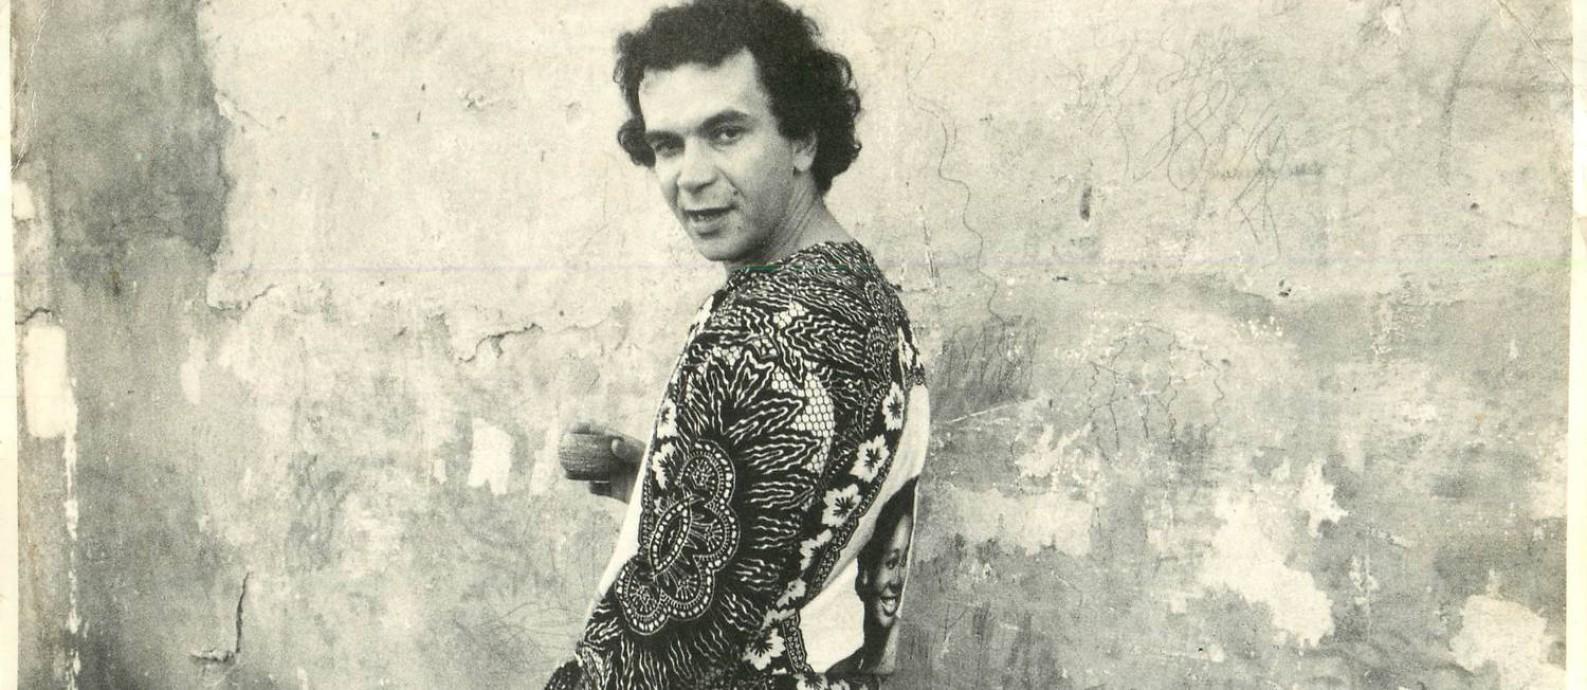 Gramiro de Matos: tropicalista esquecido volta às livrarias Foto: Mario Cravo Neto / Acervo pessoal